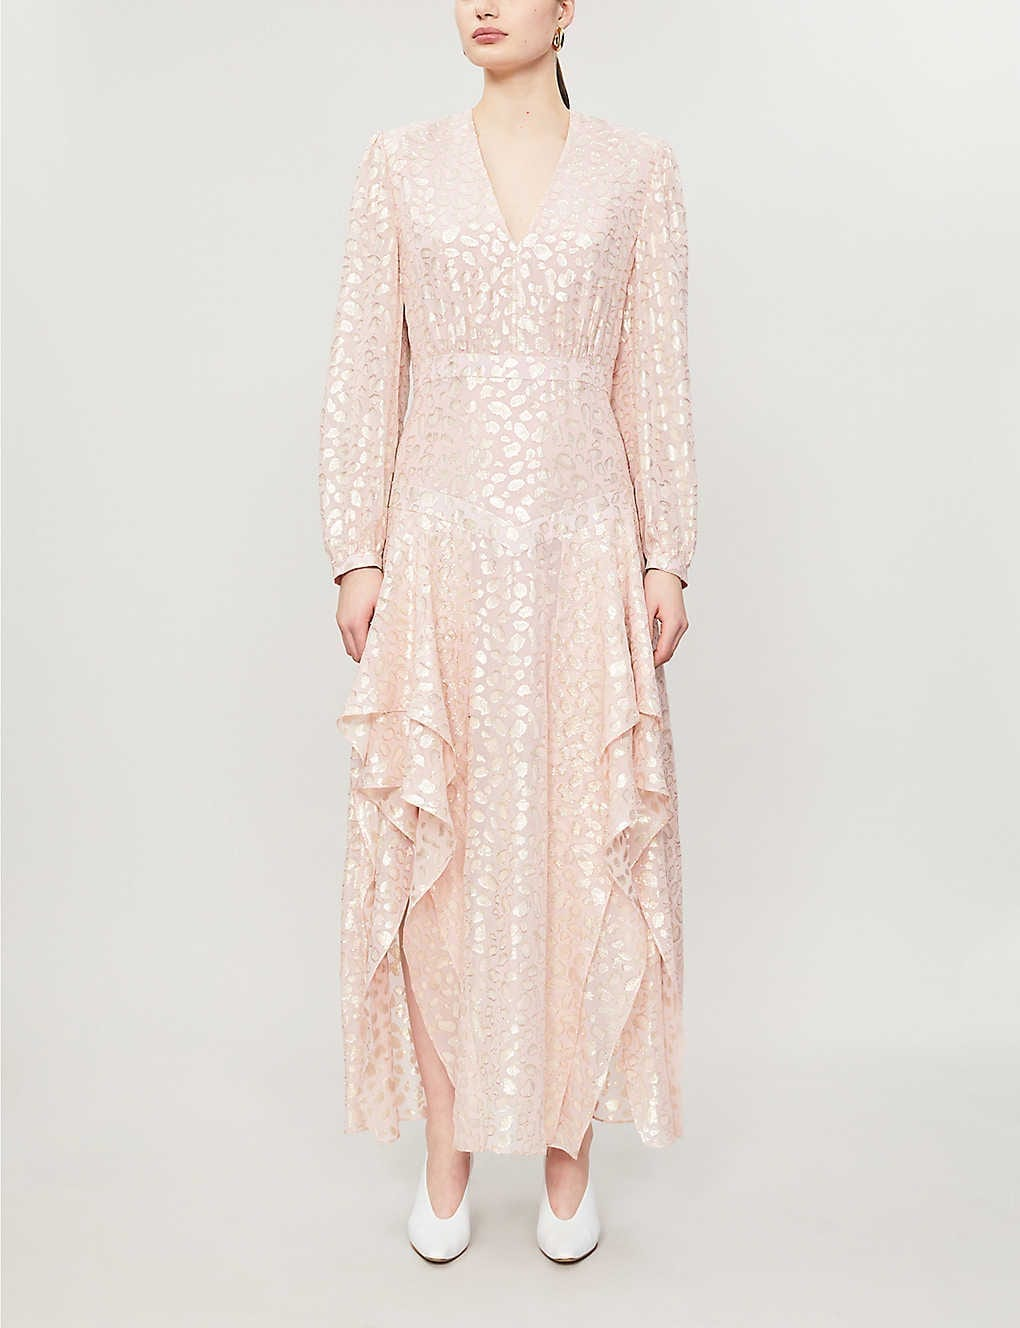 STELLA MCCARTNEY Katia Jacquard-print Metallic-silk Midi Dress